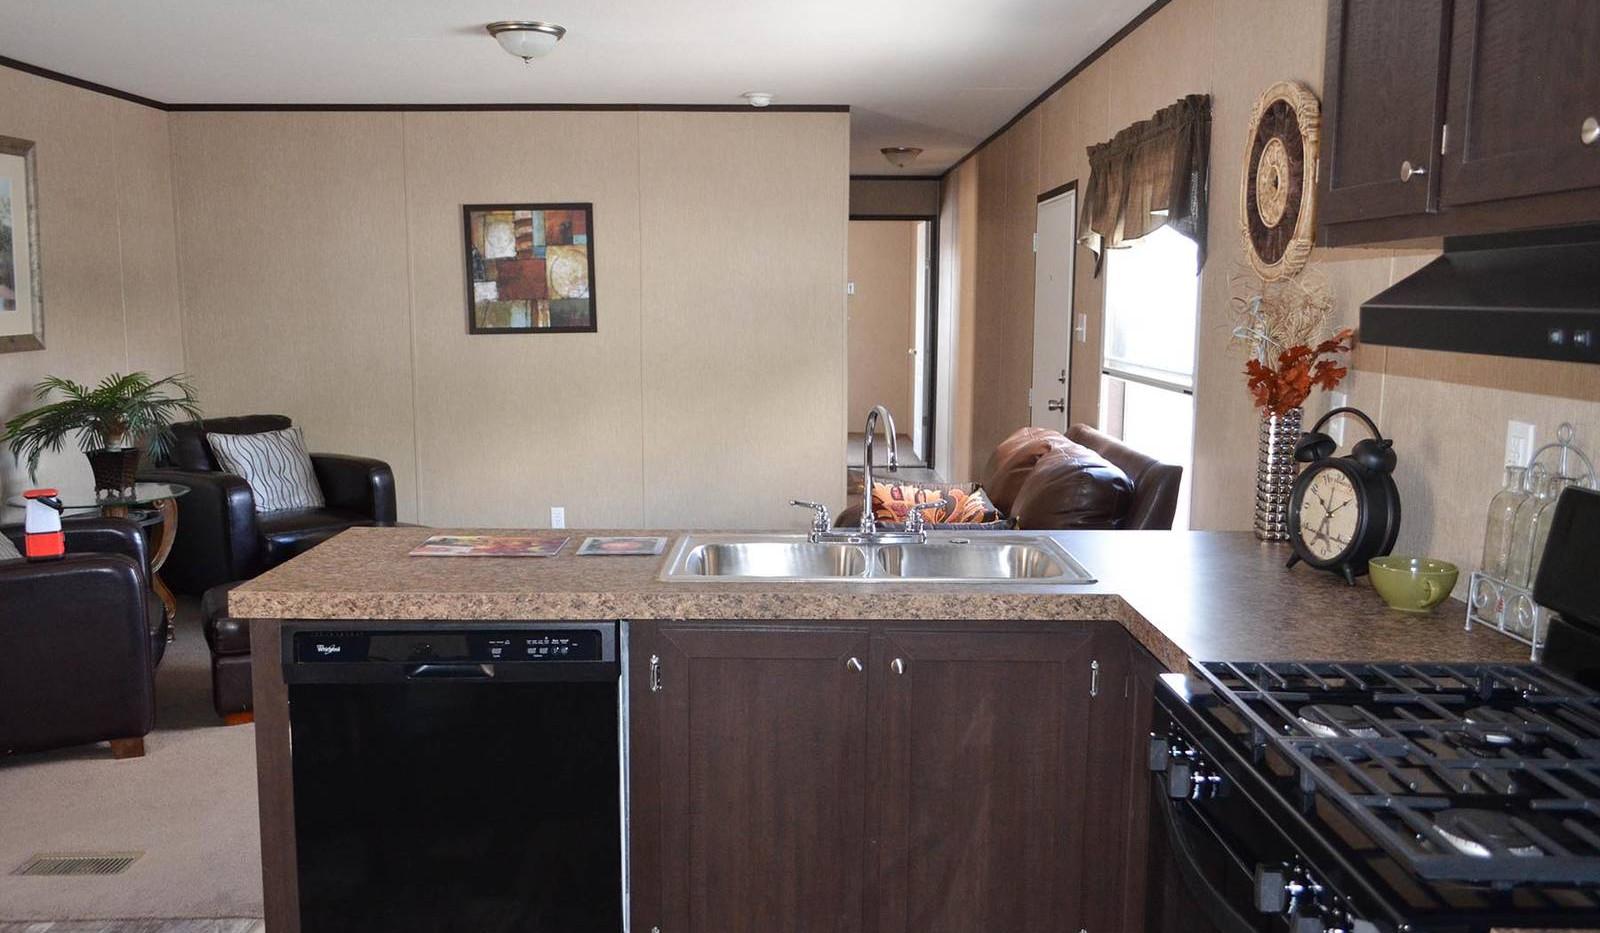 2-L10RM1668A kitchen 2-1600x1067.jpg